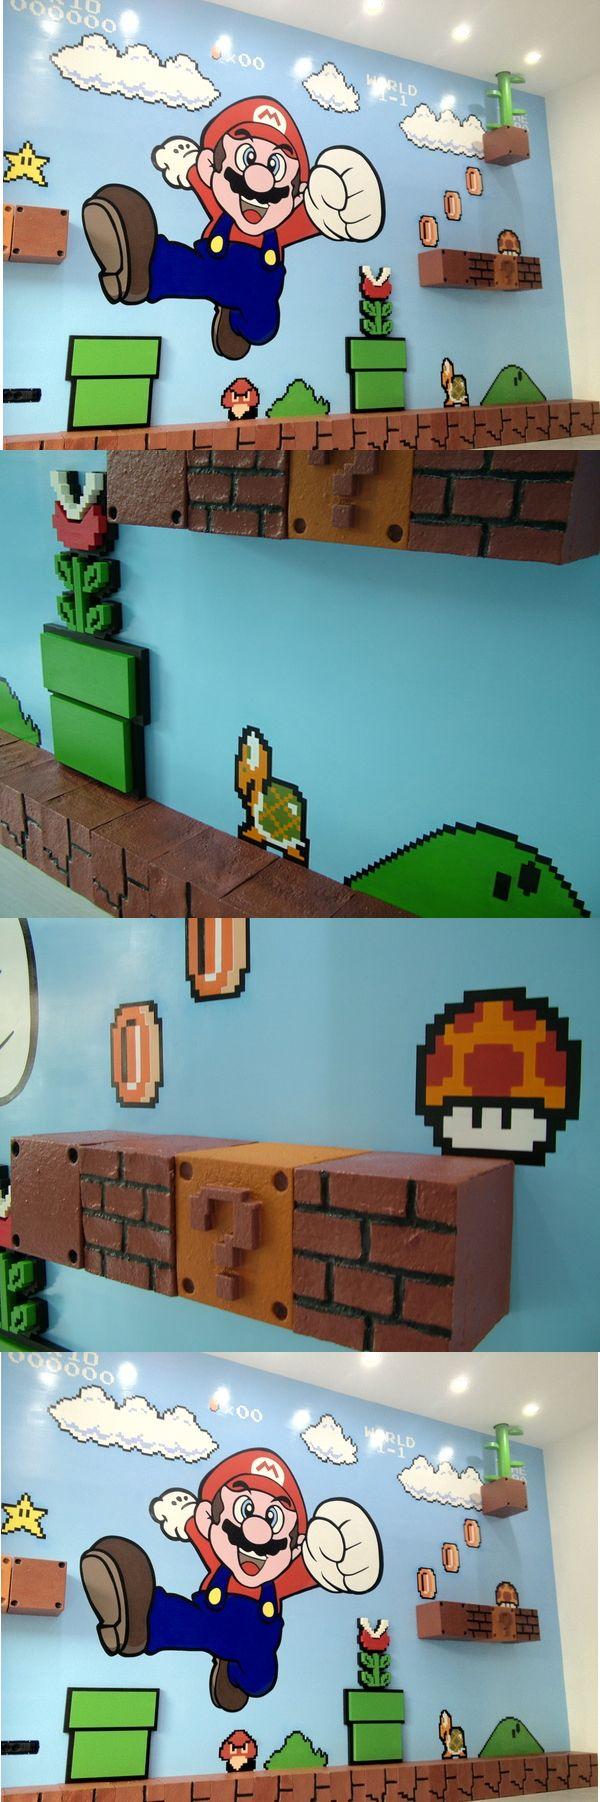 Amazing D Super Mario Bros Mural Game Room Ideas Pinterest